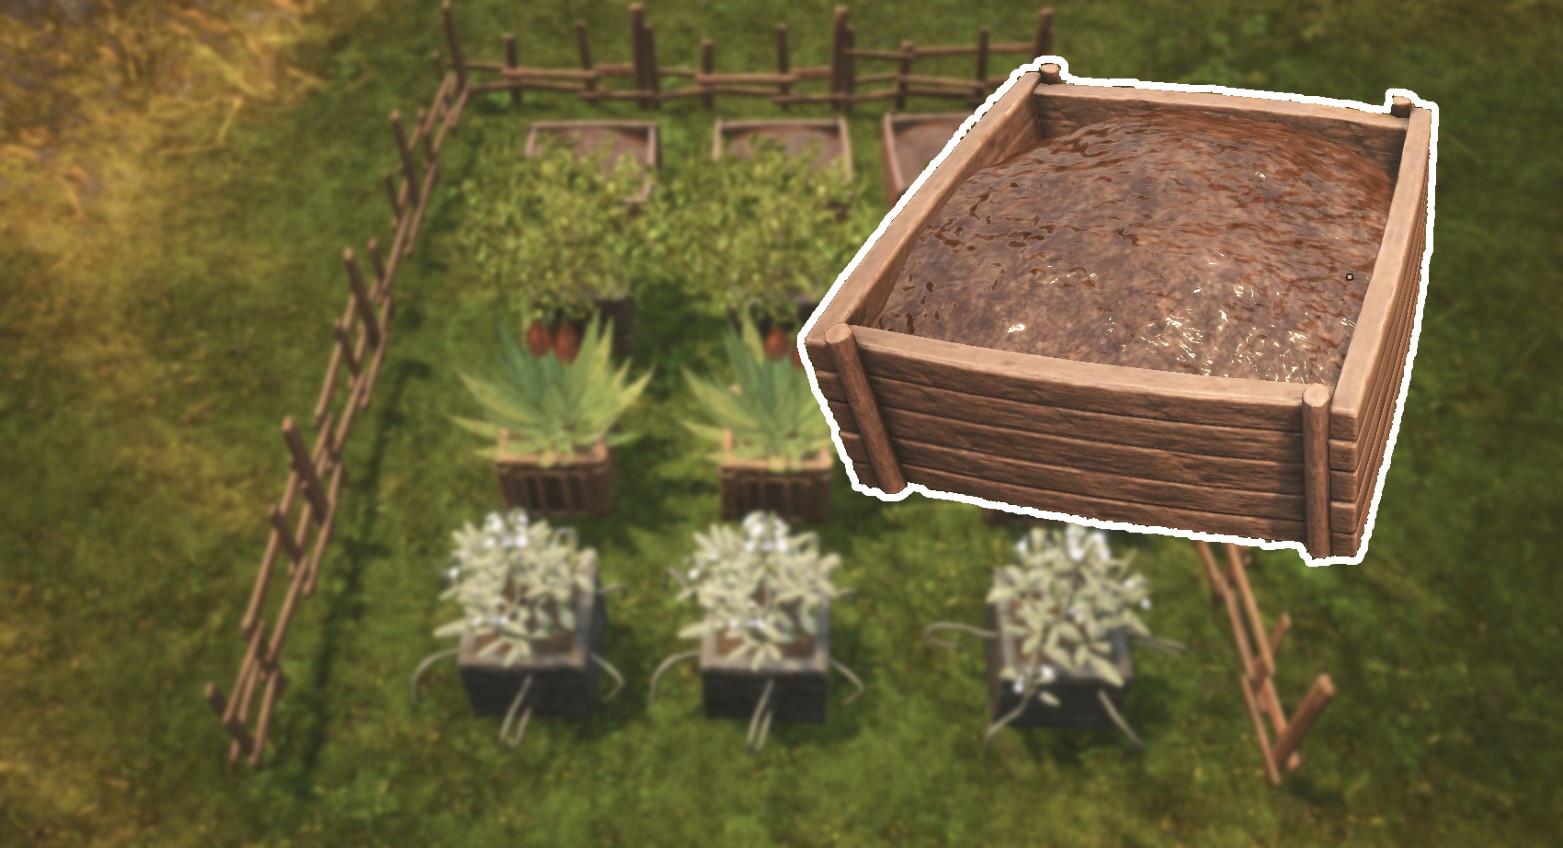 kompostieren und ernten: so funktioniert landwirtschaft in conan exiles